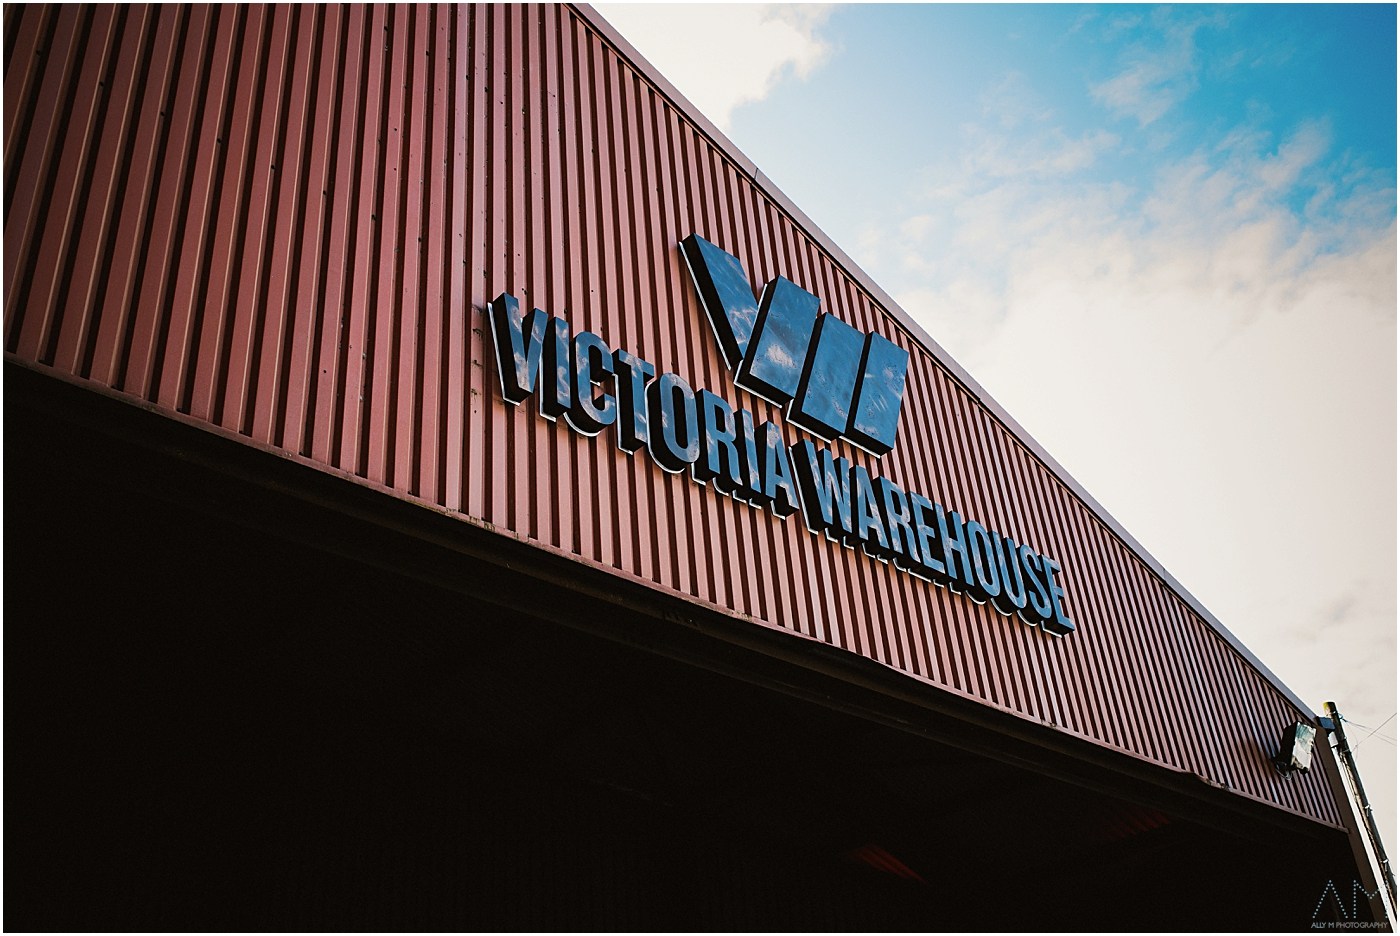 Outside Victoria Warehouse